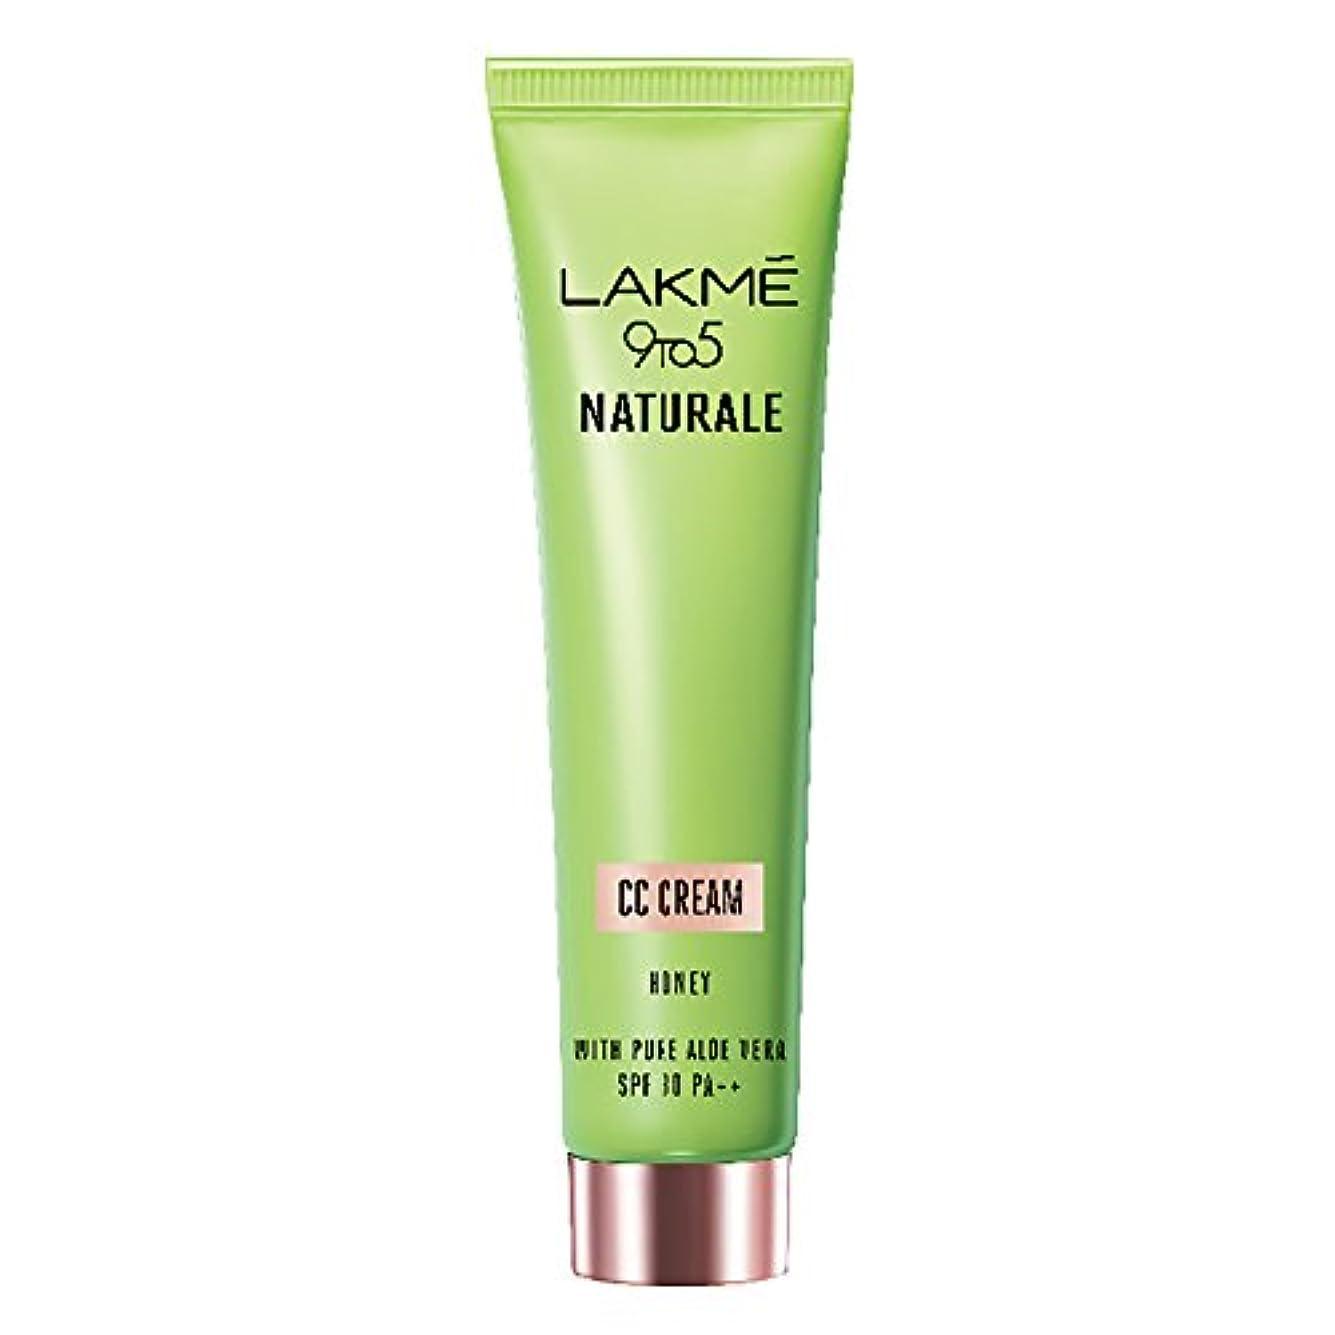 税金水素多数のLakme 9 to 5 Naturale CC Cream, Honey, 30g